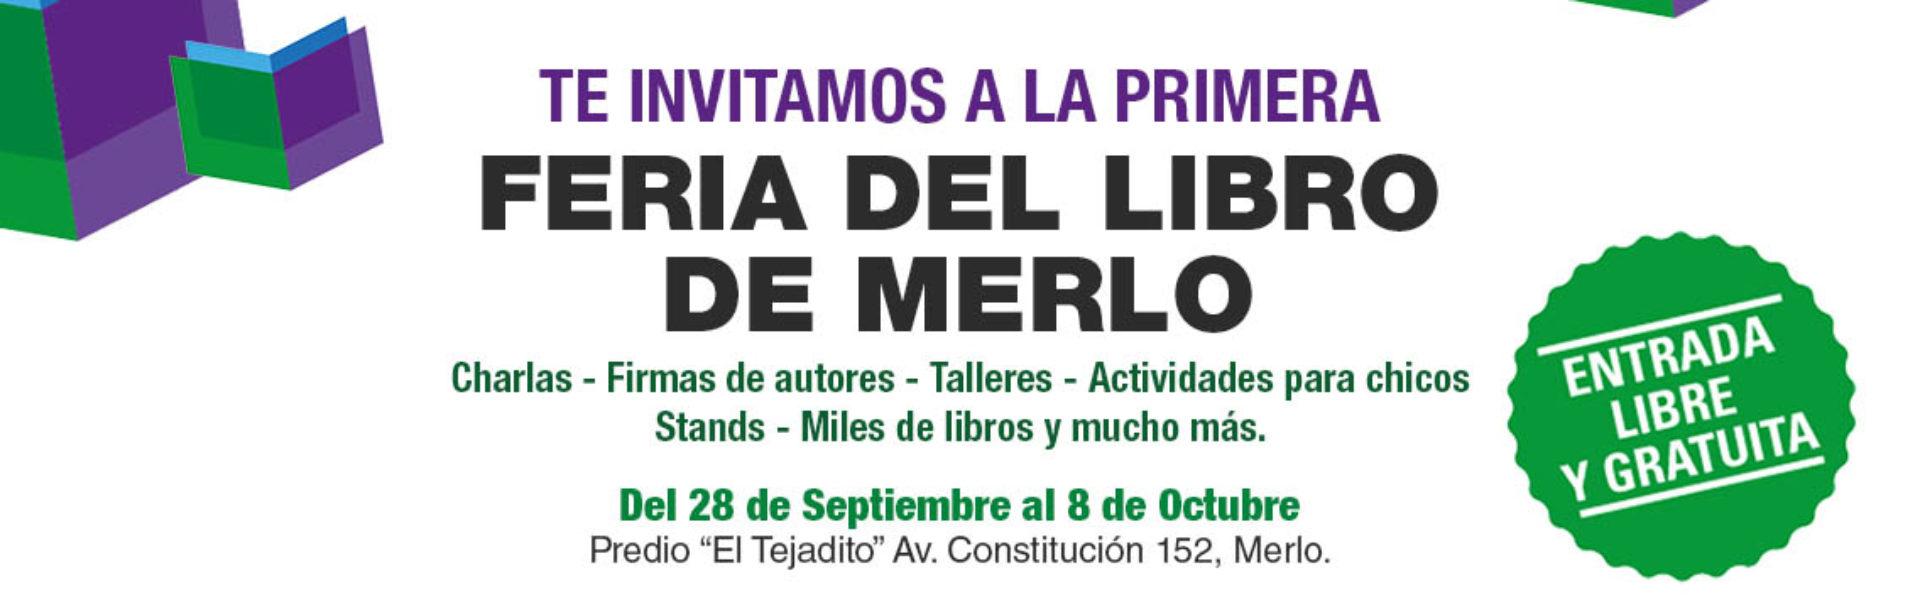 La Fundación participará de la primera Feria del Libro de Merlo (BA) thumbnail